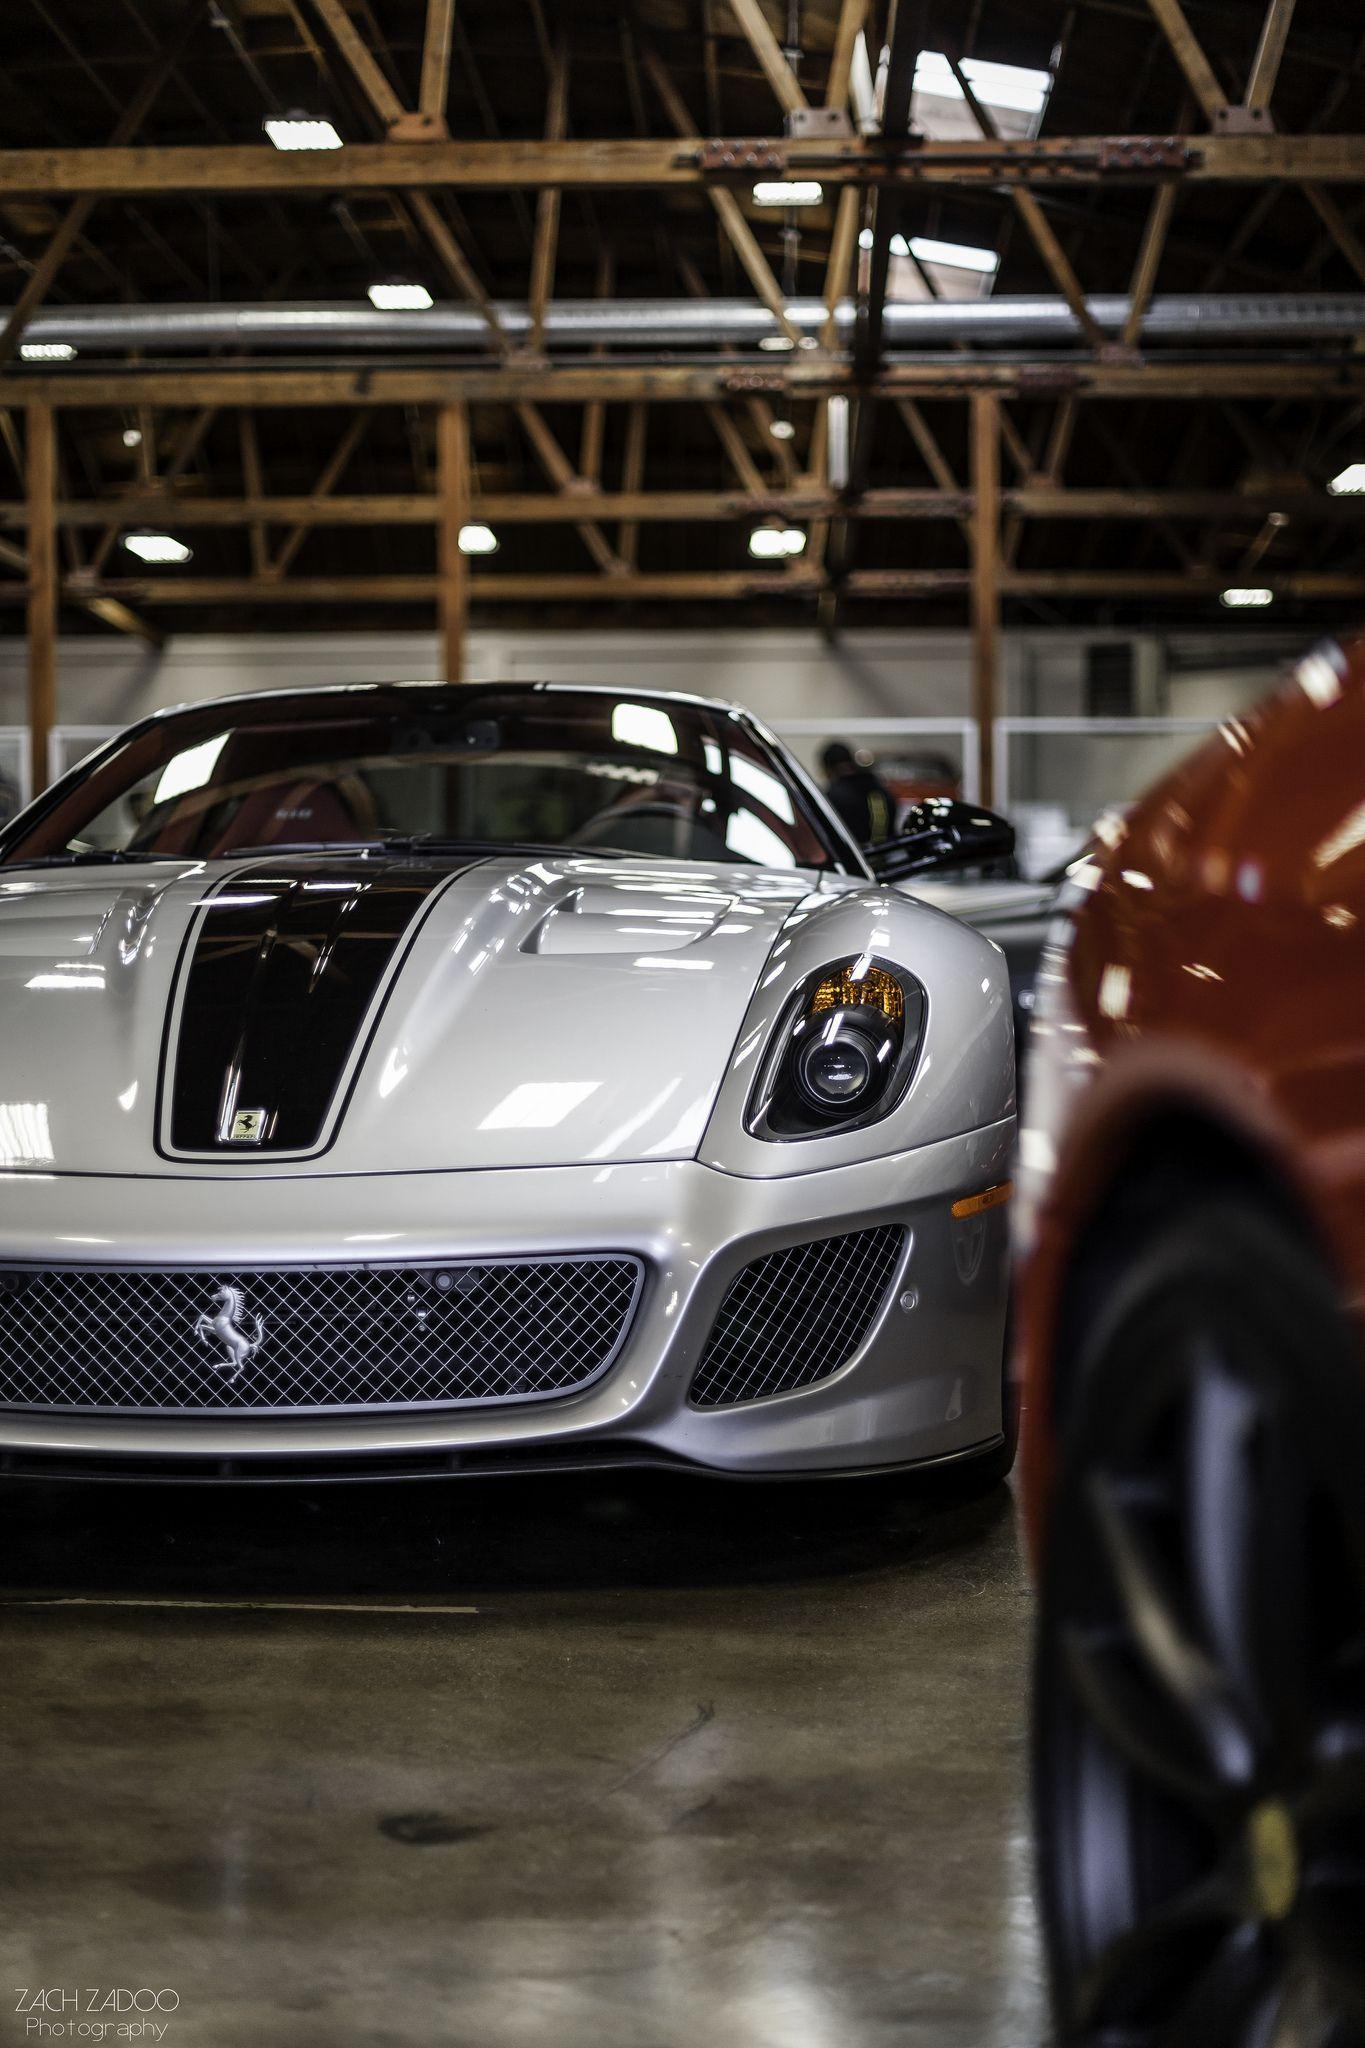 Top 10 Supercars 2015 Carhoots Ferrari 599 Super Cars Ferrari